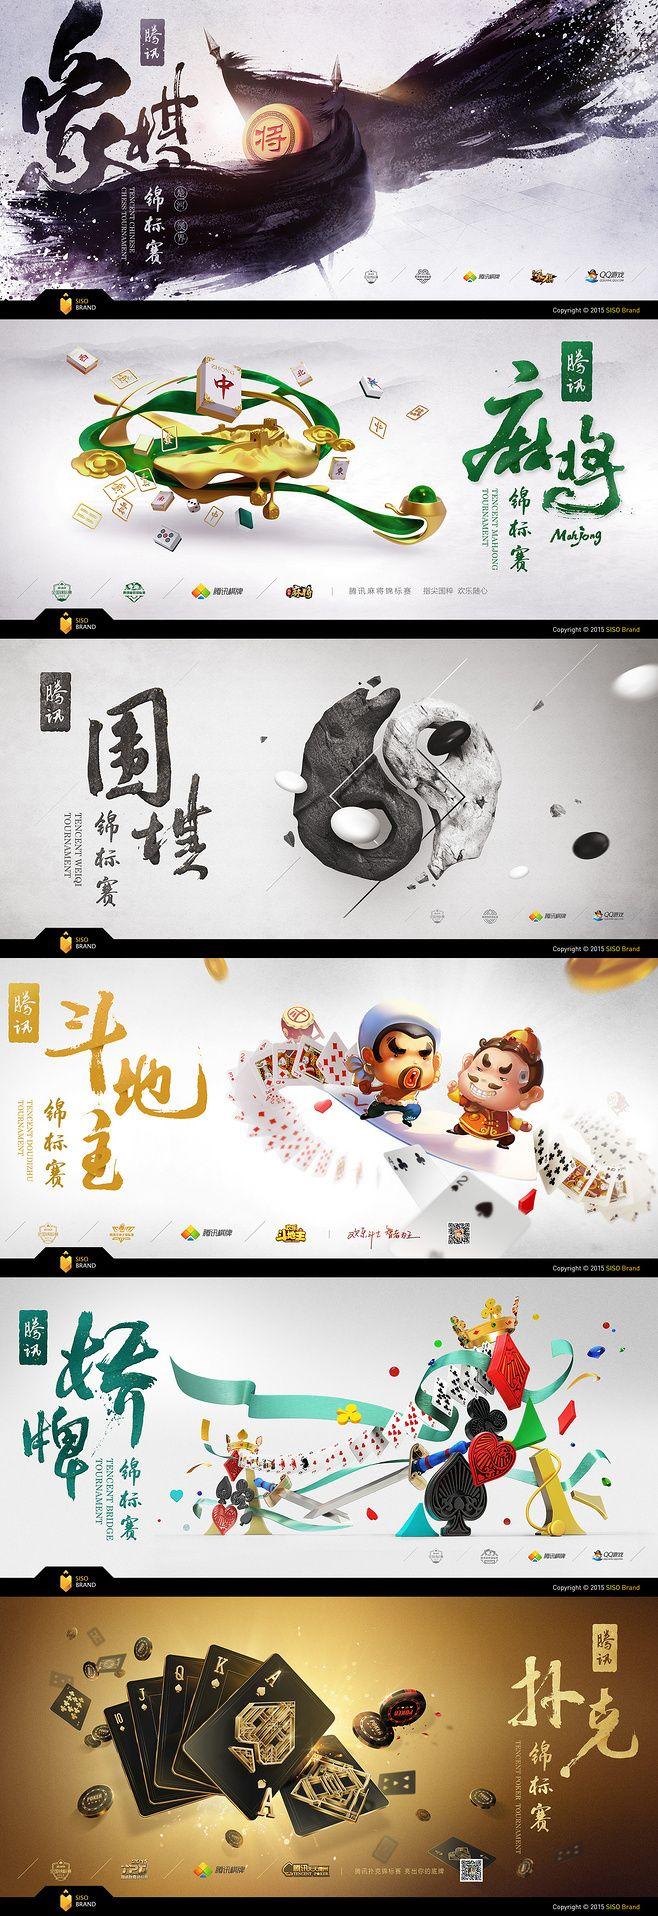 腾讯棋牌锦标赛KV创意设计 象棋/麻将/...